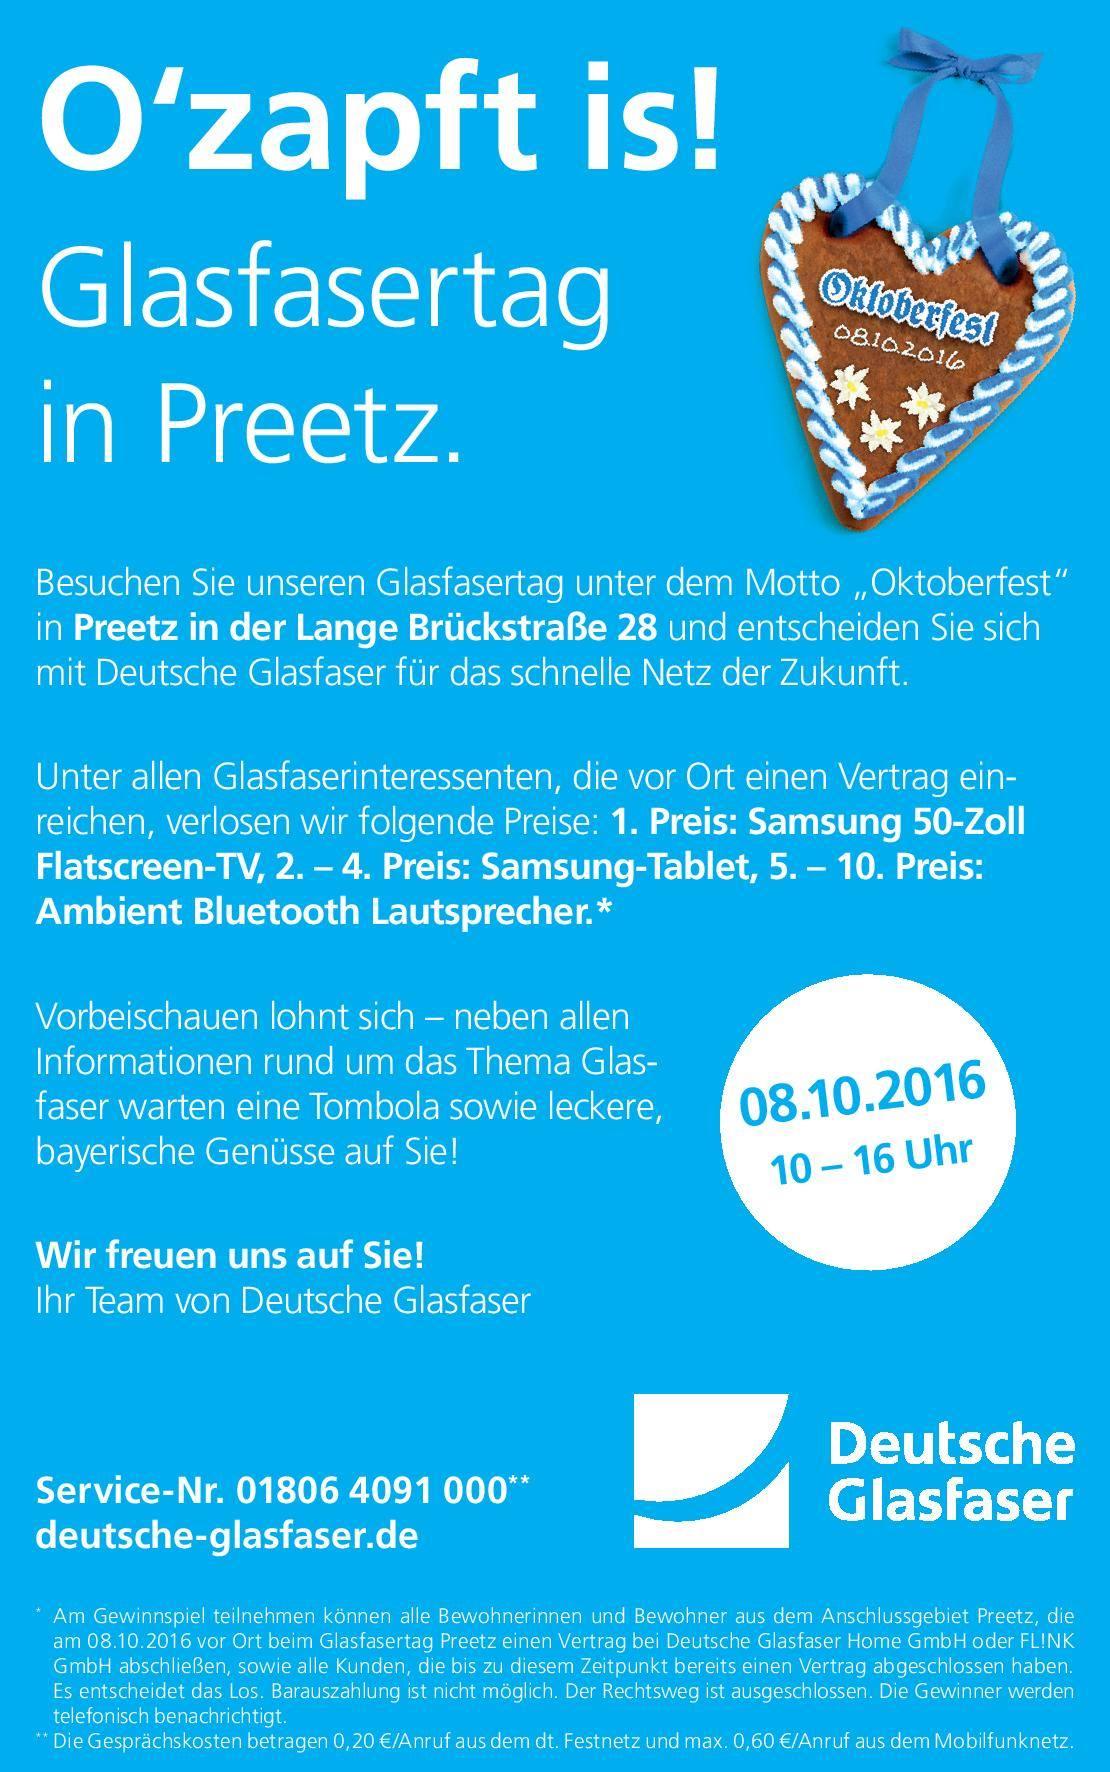 """Am 8. Oktober 2016 gibt es einem Informationstag unter dem Namen """"Glasfasertag in Preetz"""" in der Lange Brückstraße 28."""